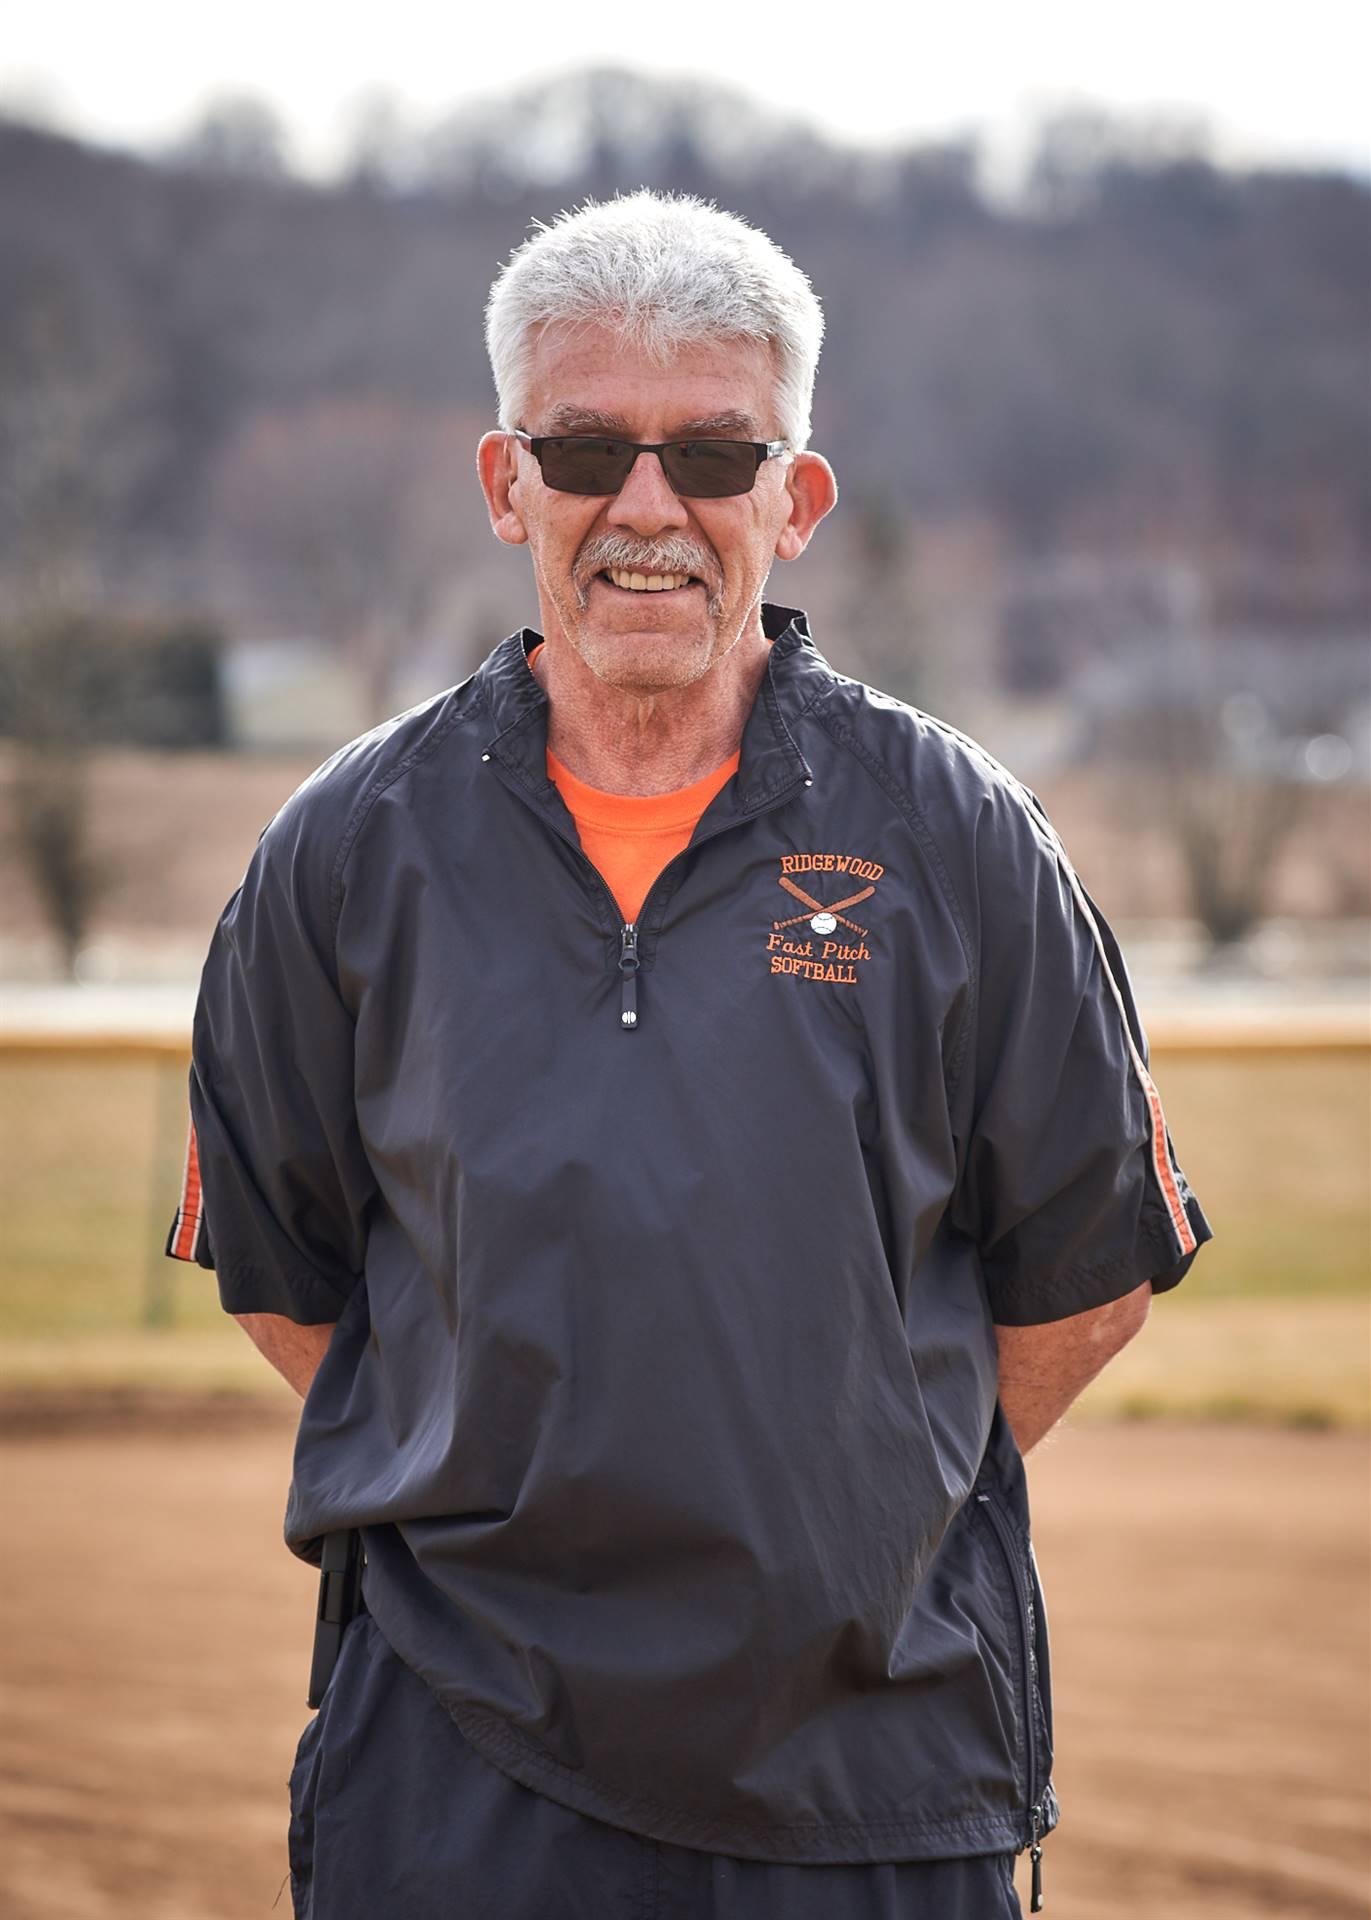 2019 soft coach